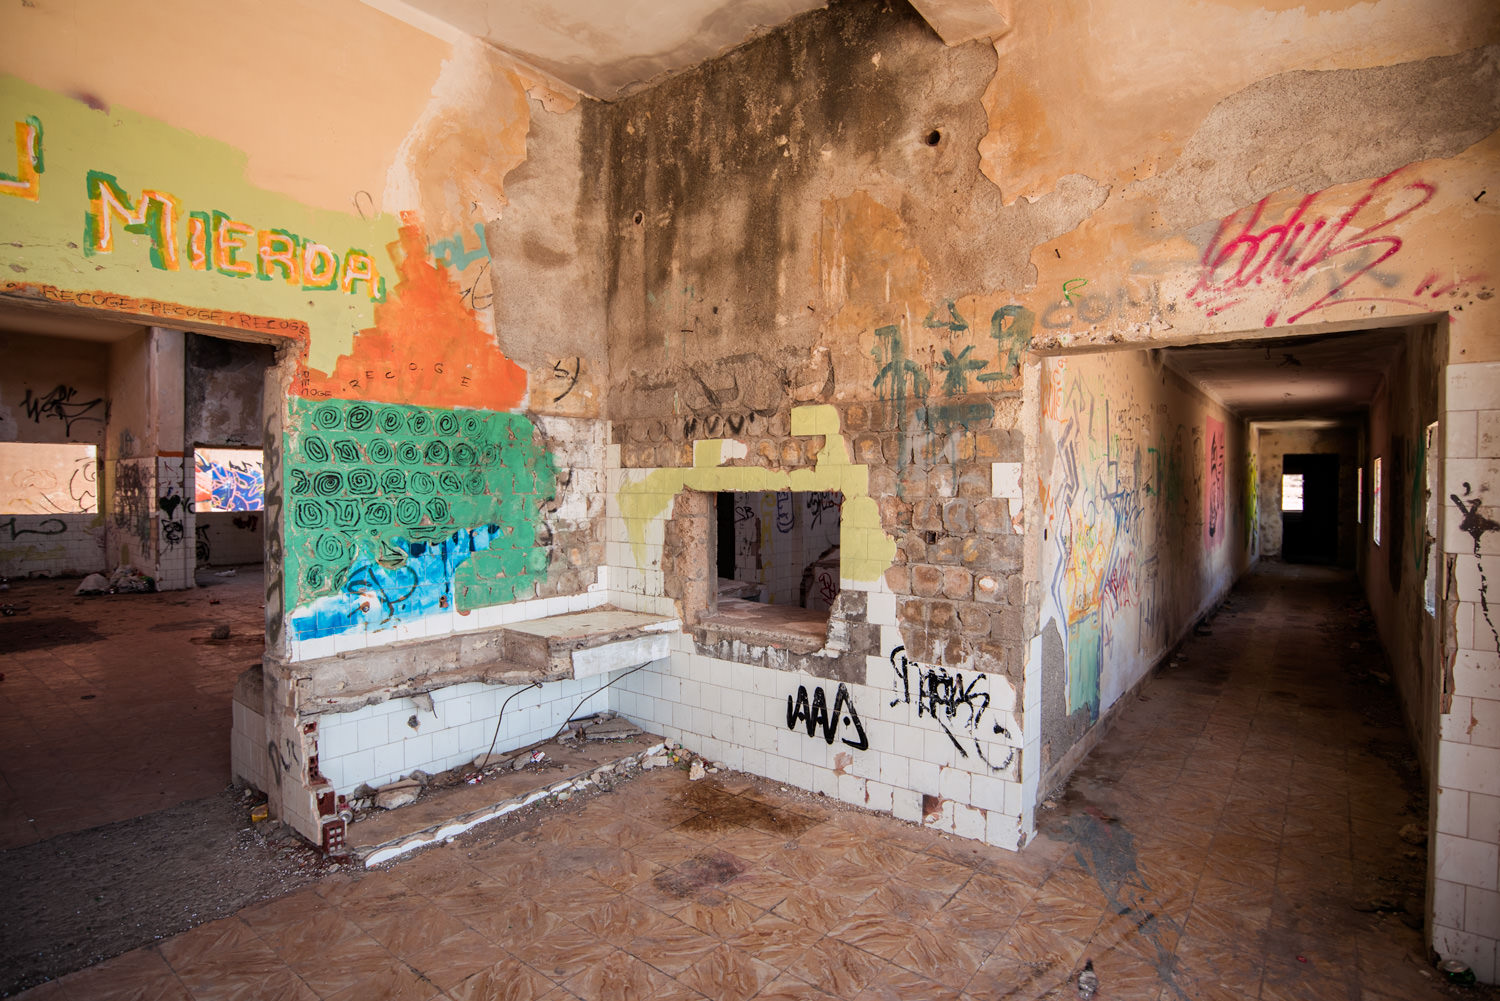 abades opuszczony budynek